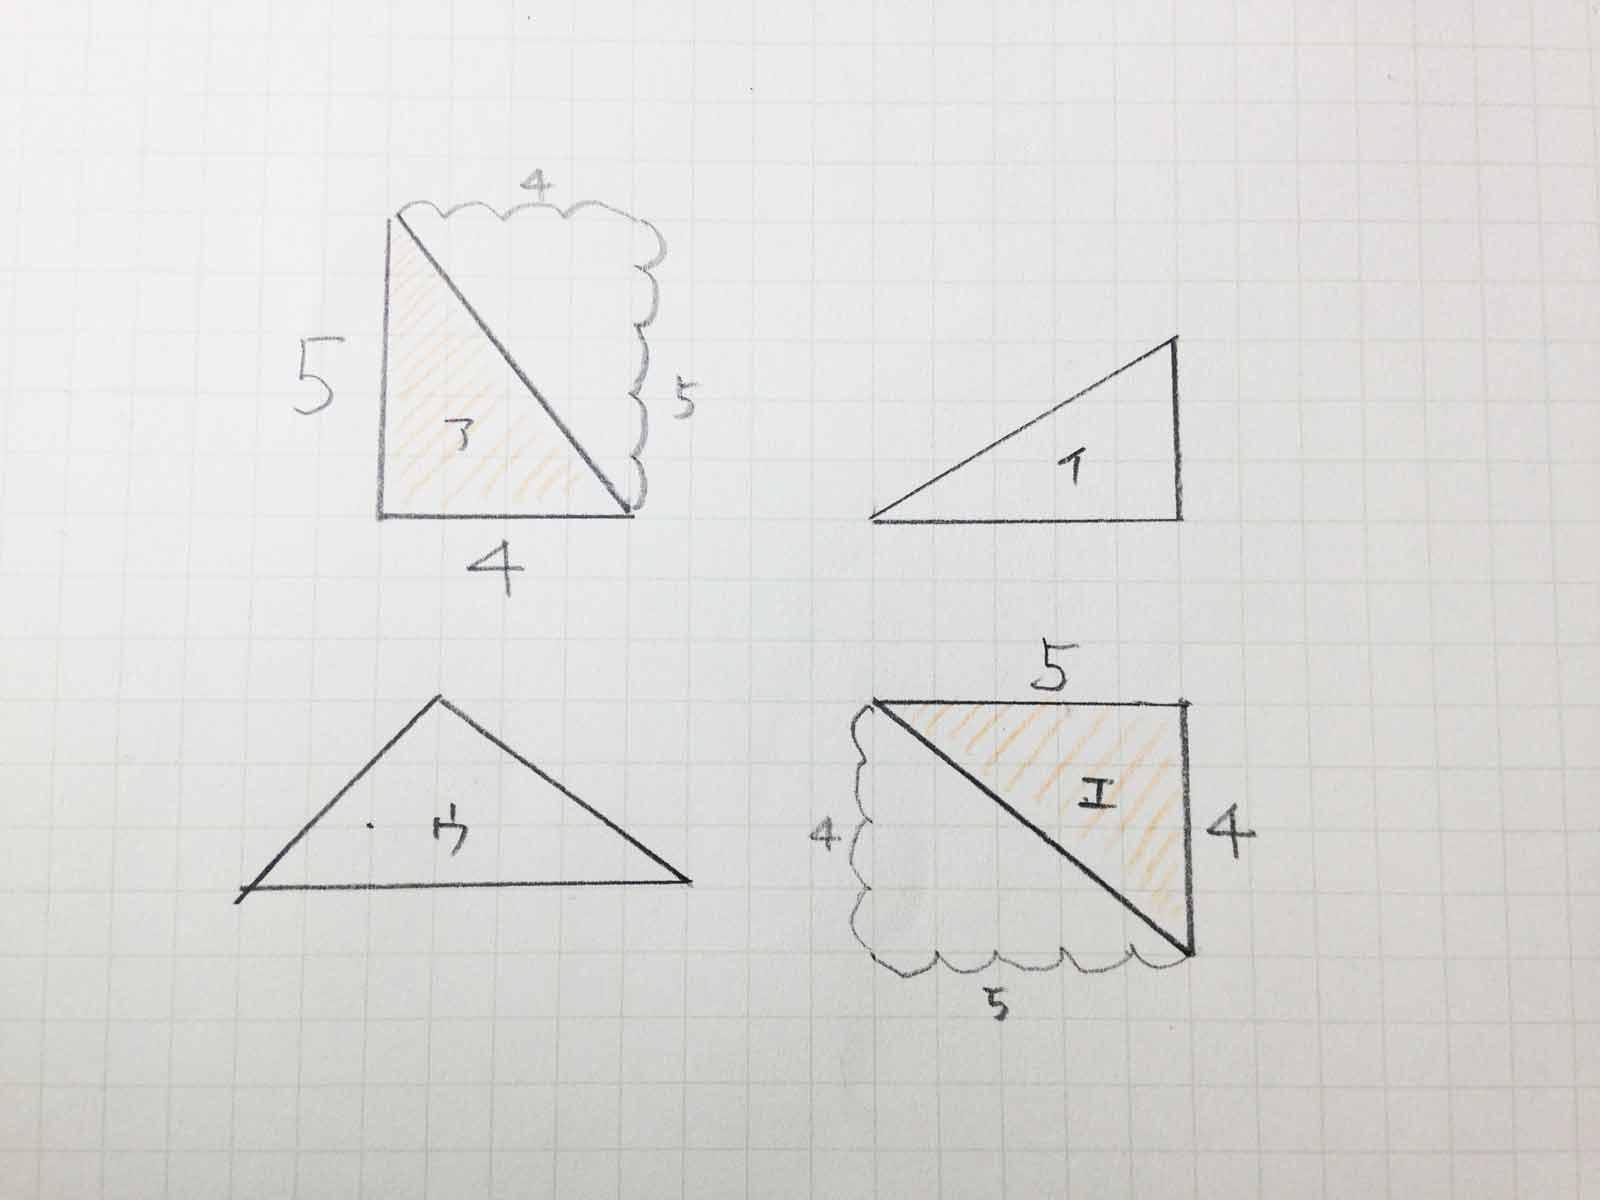 合同図形を探す_手順03